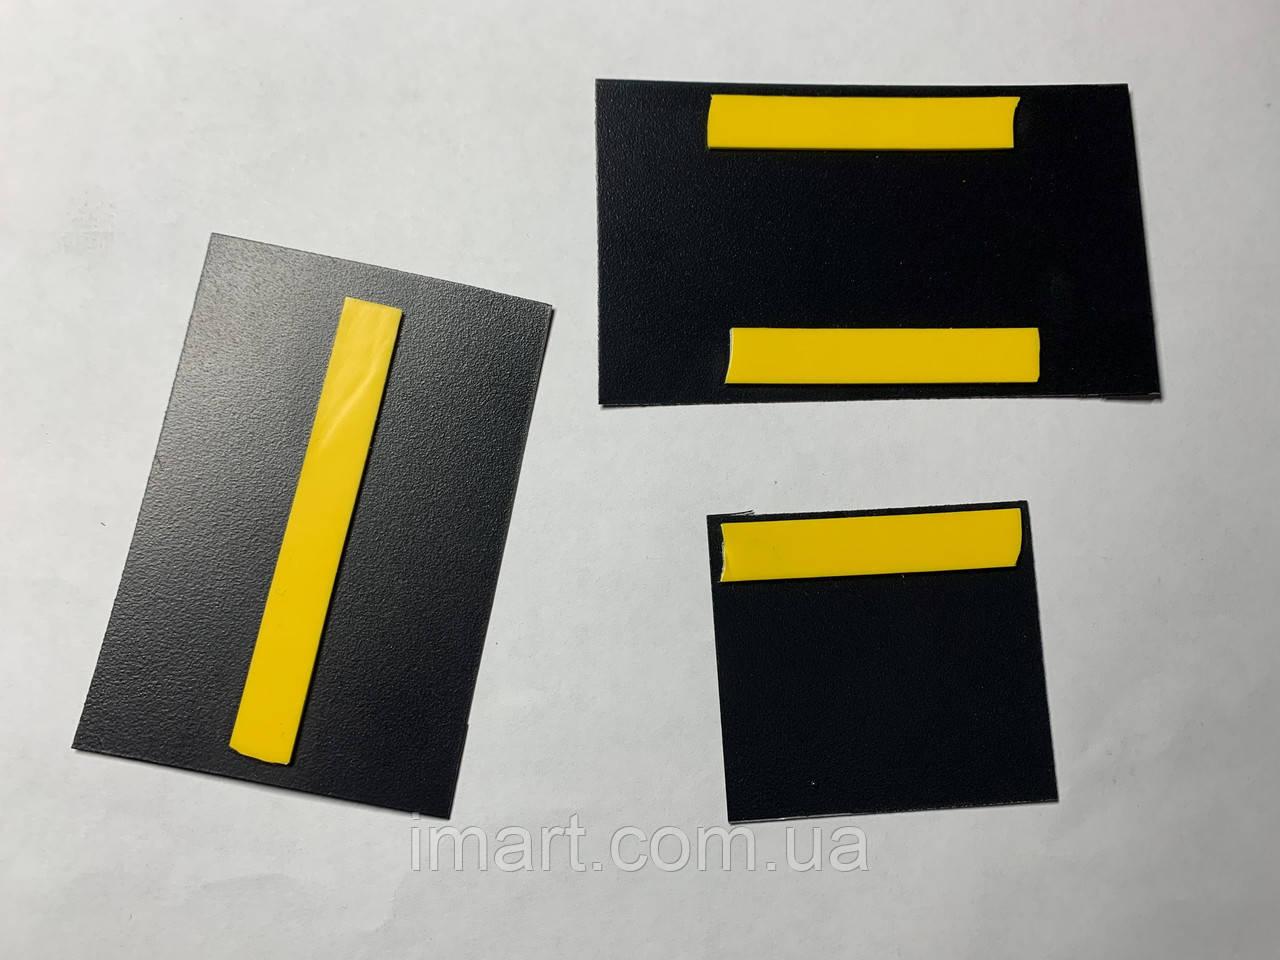 Цінник крейдяної наклейка 3х4 см Для написів крейдою і маркером. Грифельна.Табличка двостороння